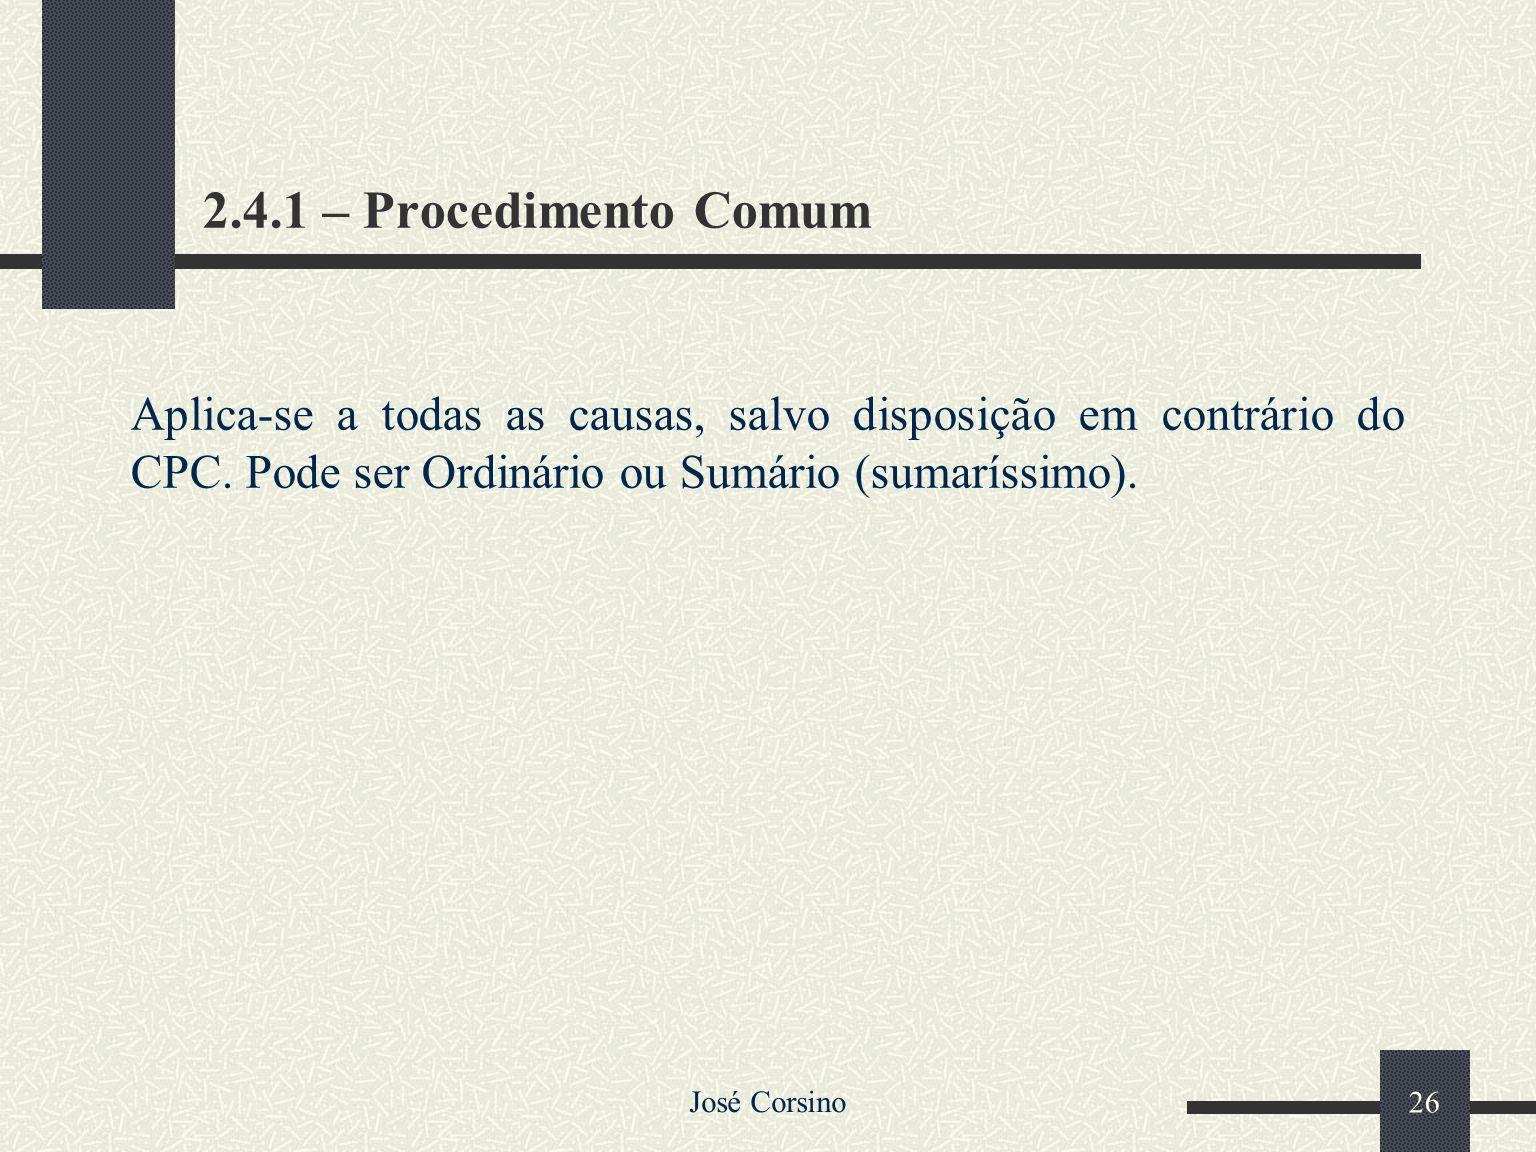 2.4.1 – Procedimento Comum Aplica-se a todas as causas, salvo disposição em contrário do CPC. Pode ser Ordinário ou Sumário (sumaríssimo).